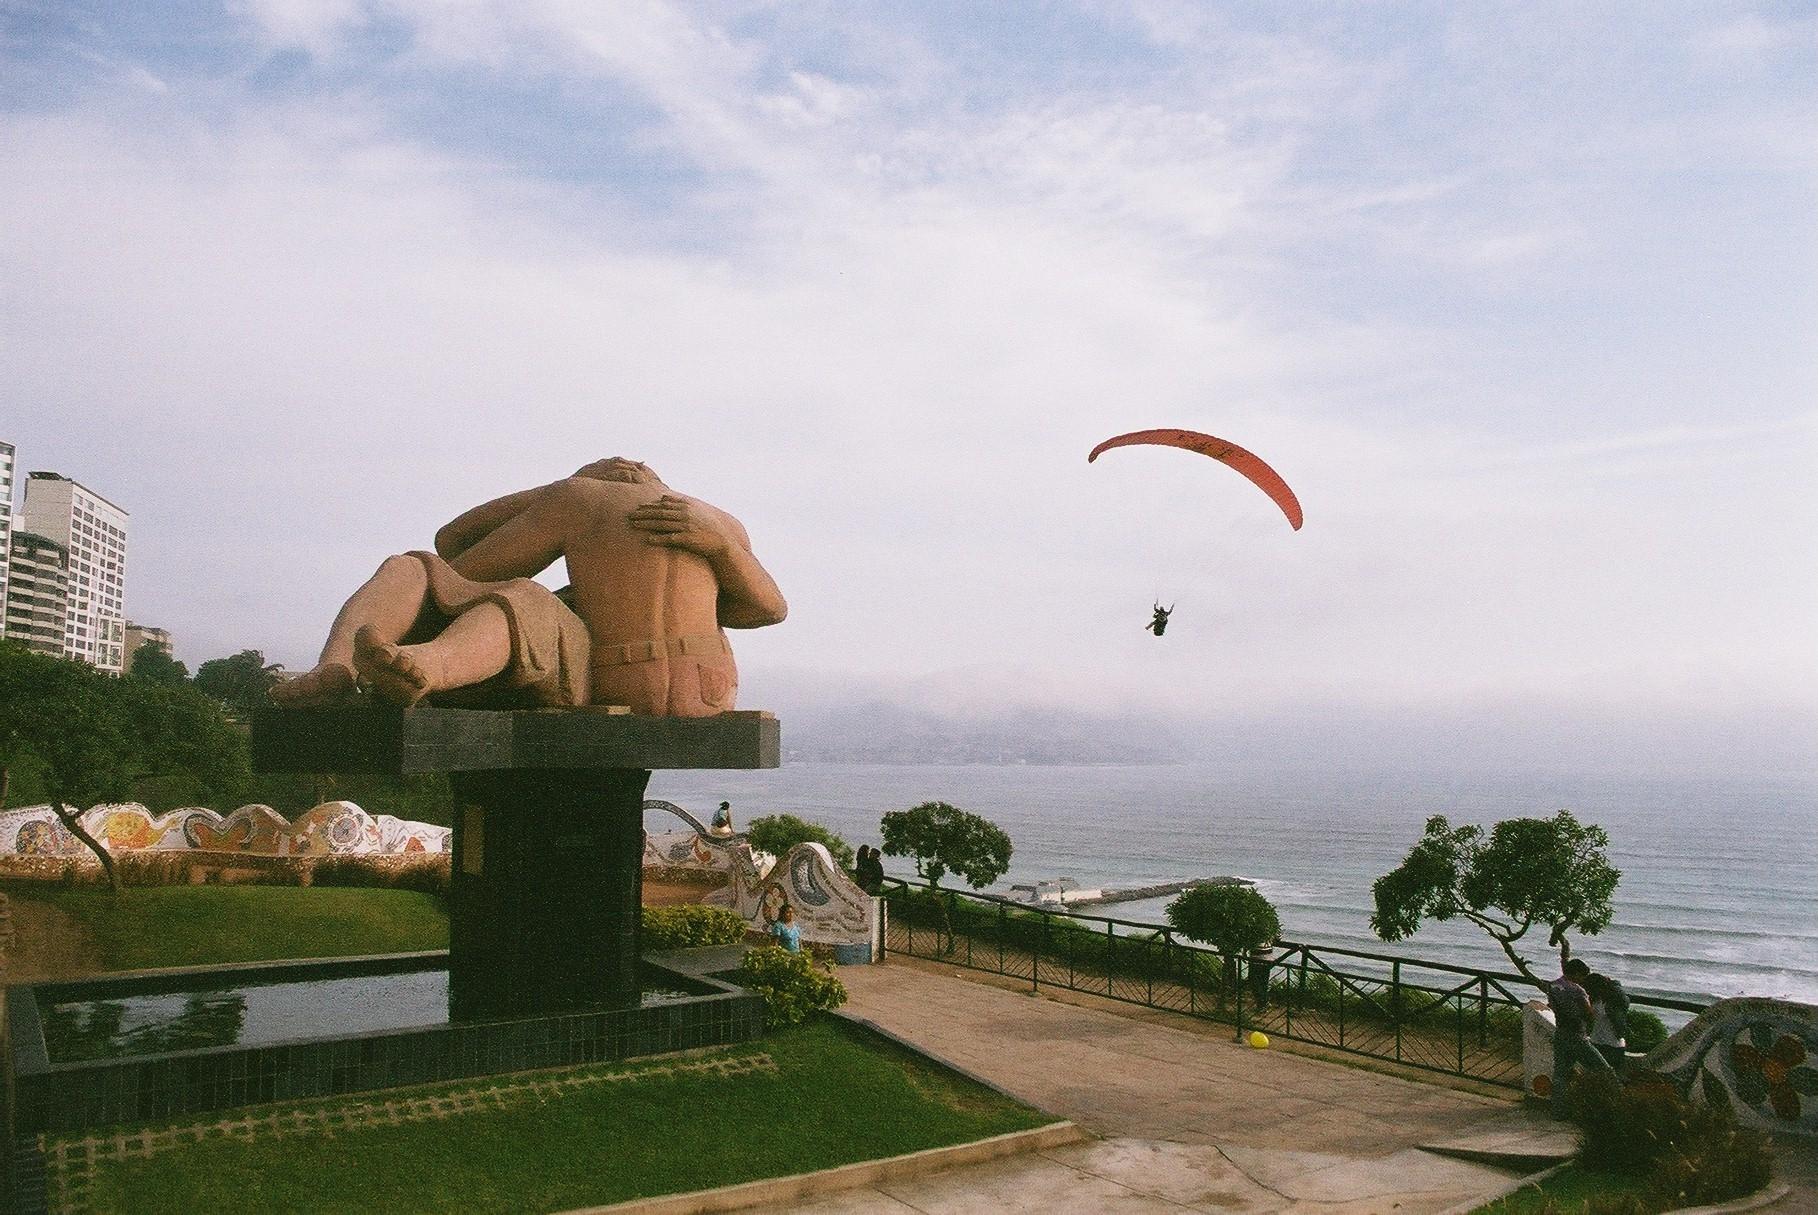 Plaza del Amor, Miraflores, Lima, Peru